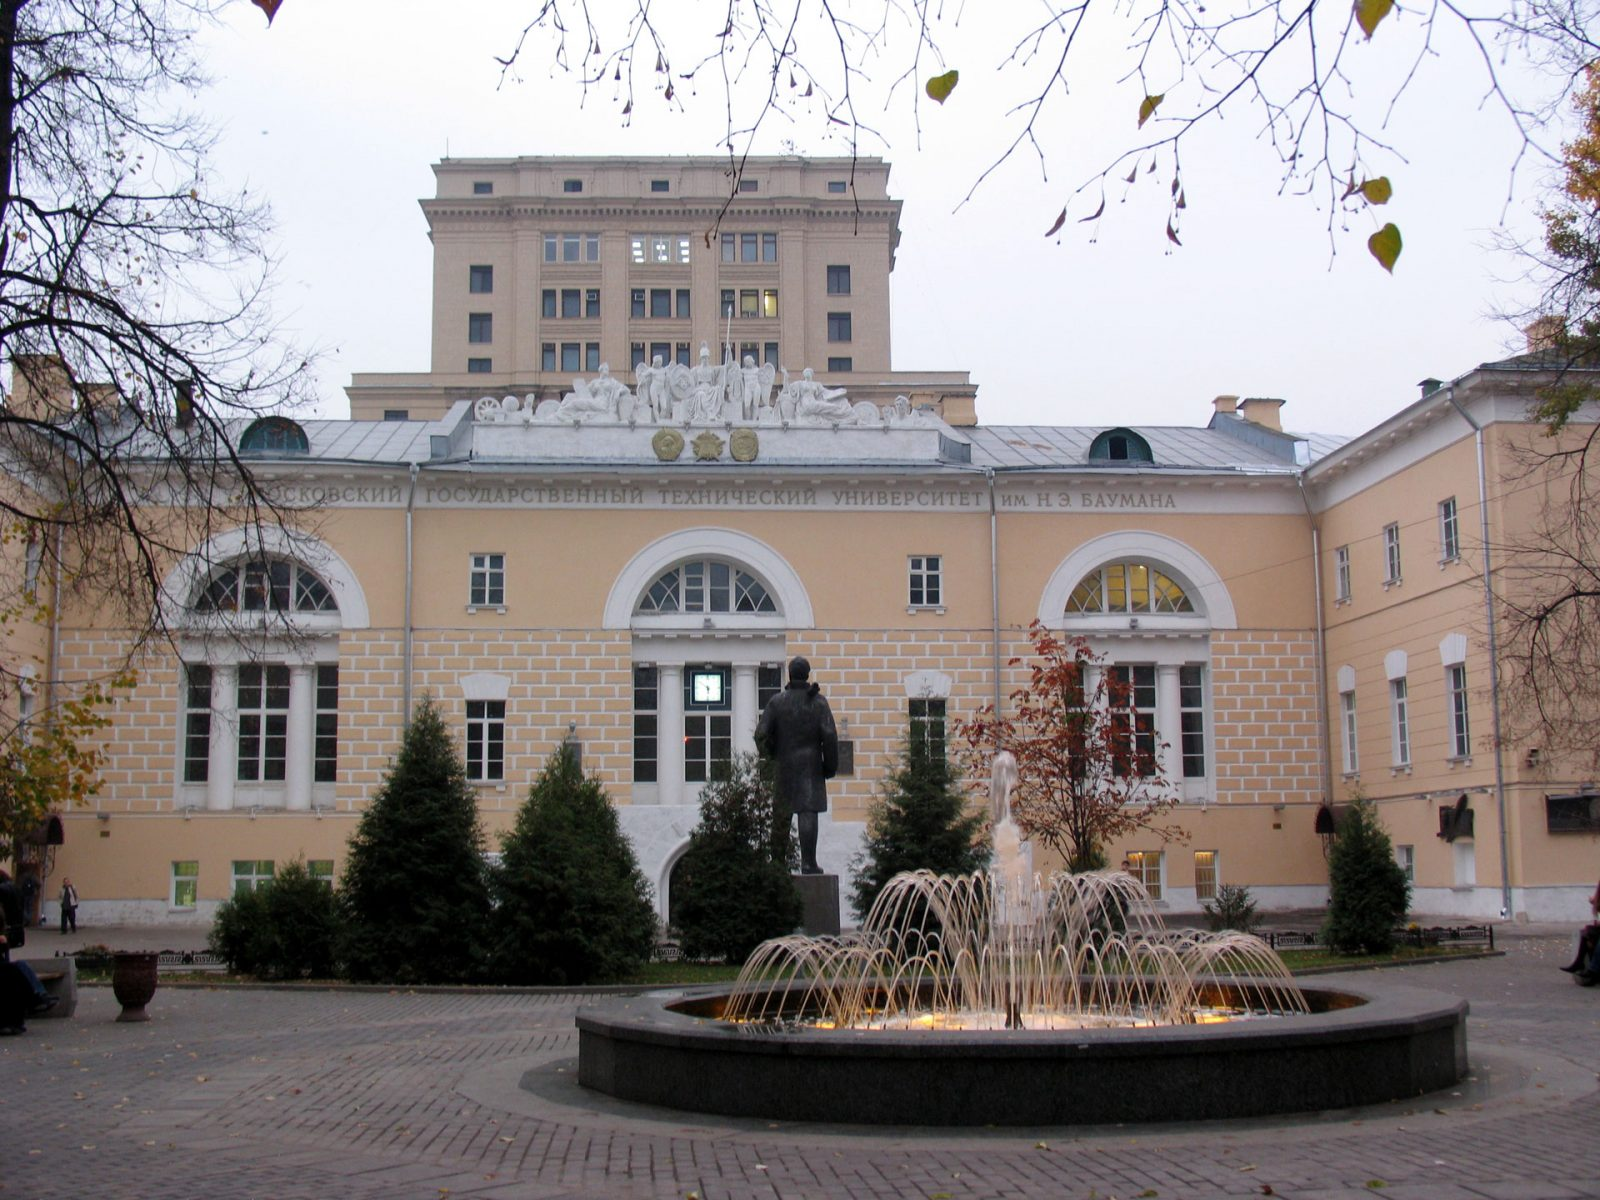 Московский государственный технический университет имени Н.Э. Баумана